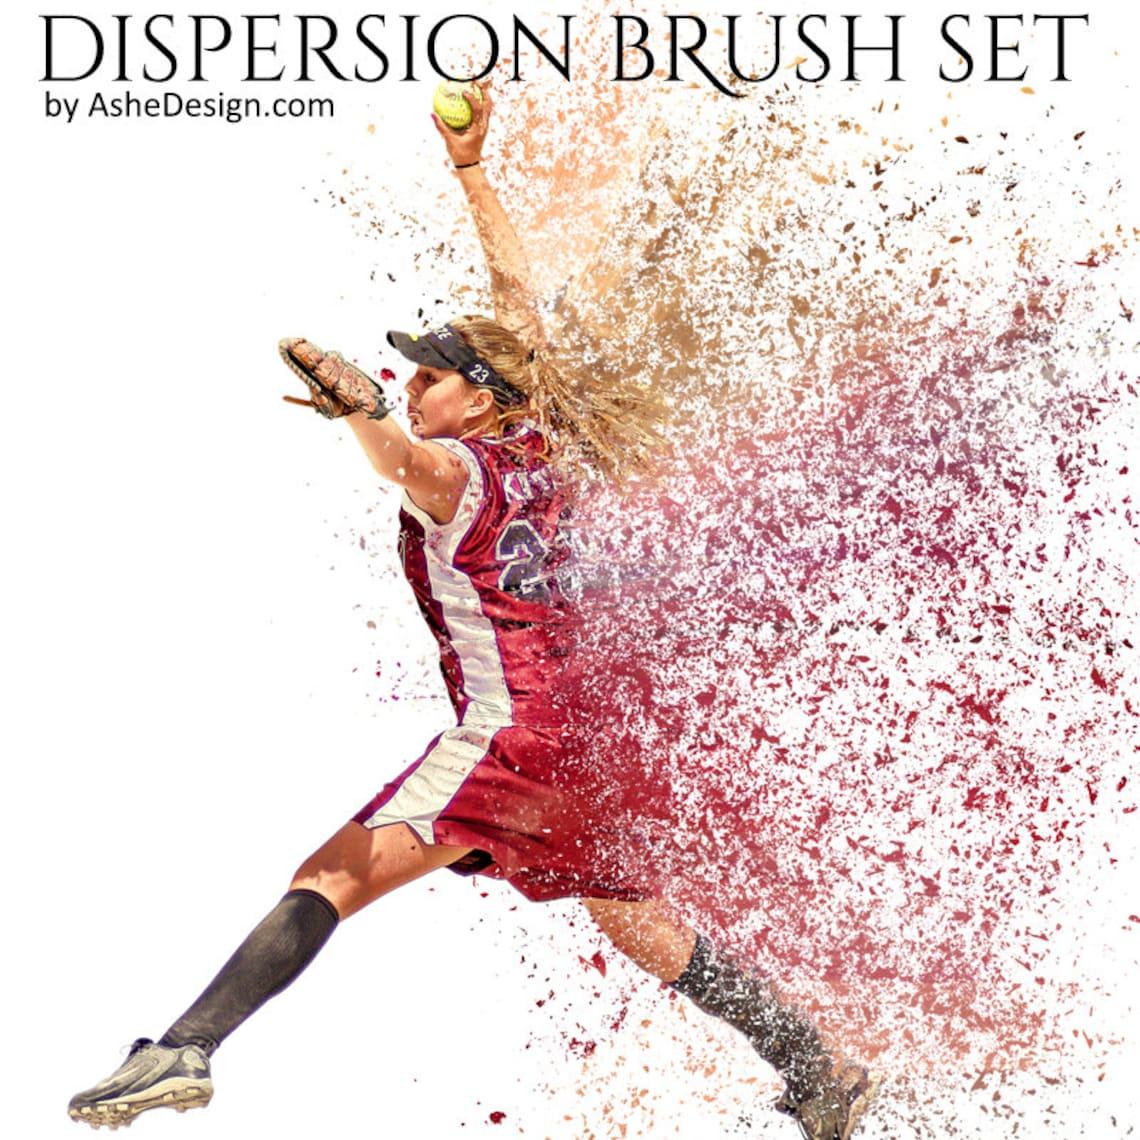 Photoshop Brush Set Dispersion Dust Particles 1 .abr image 0